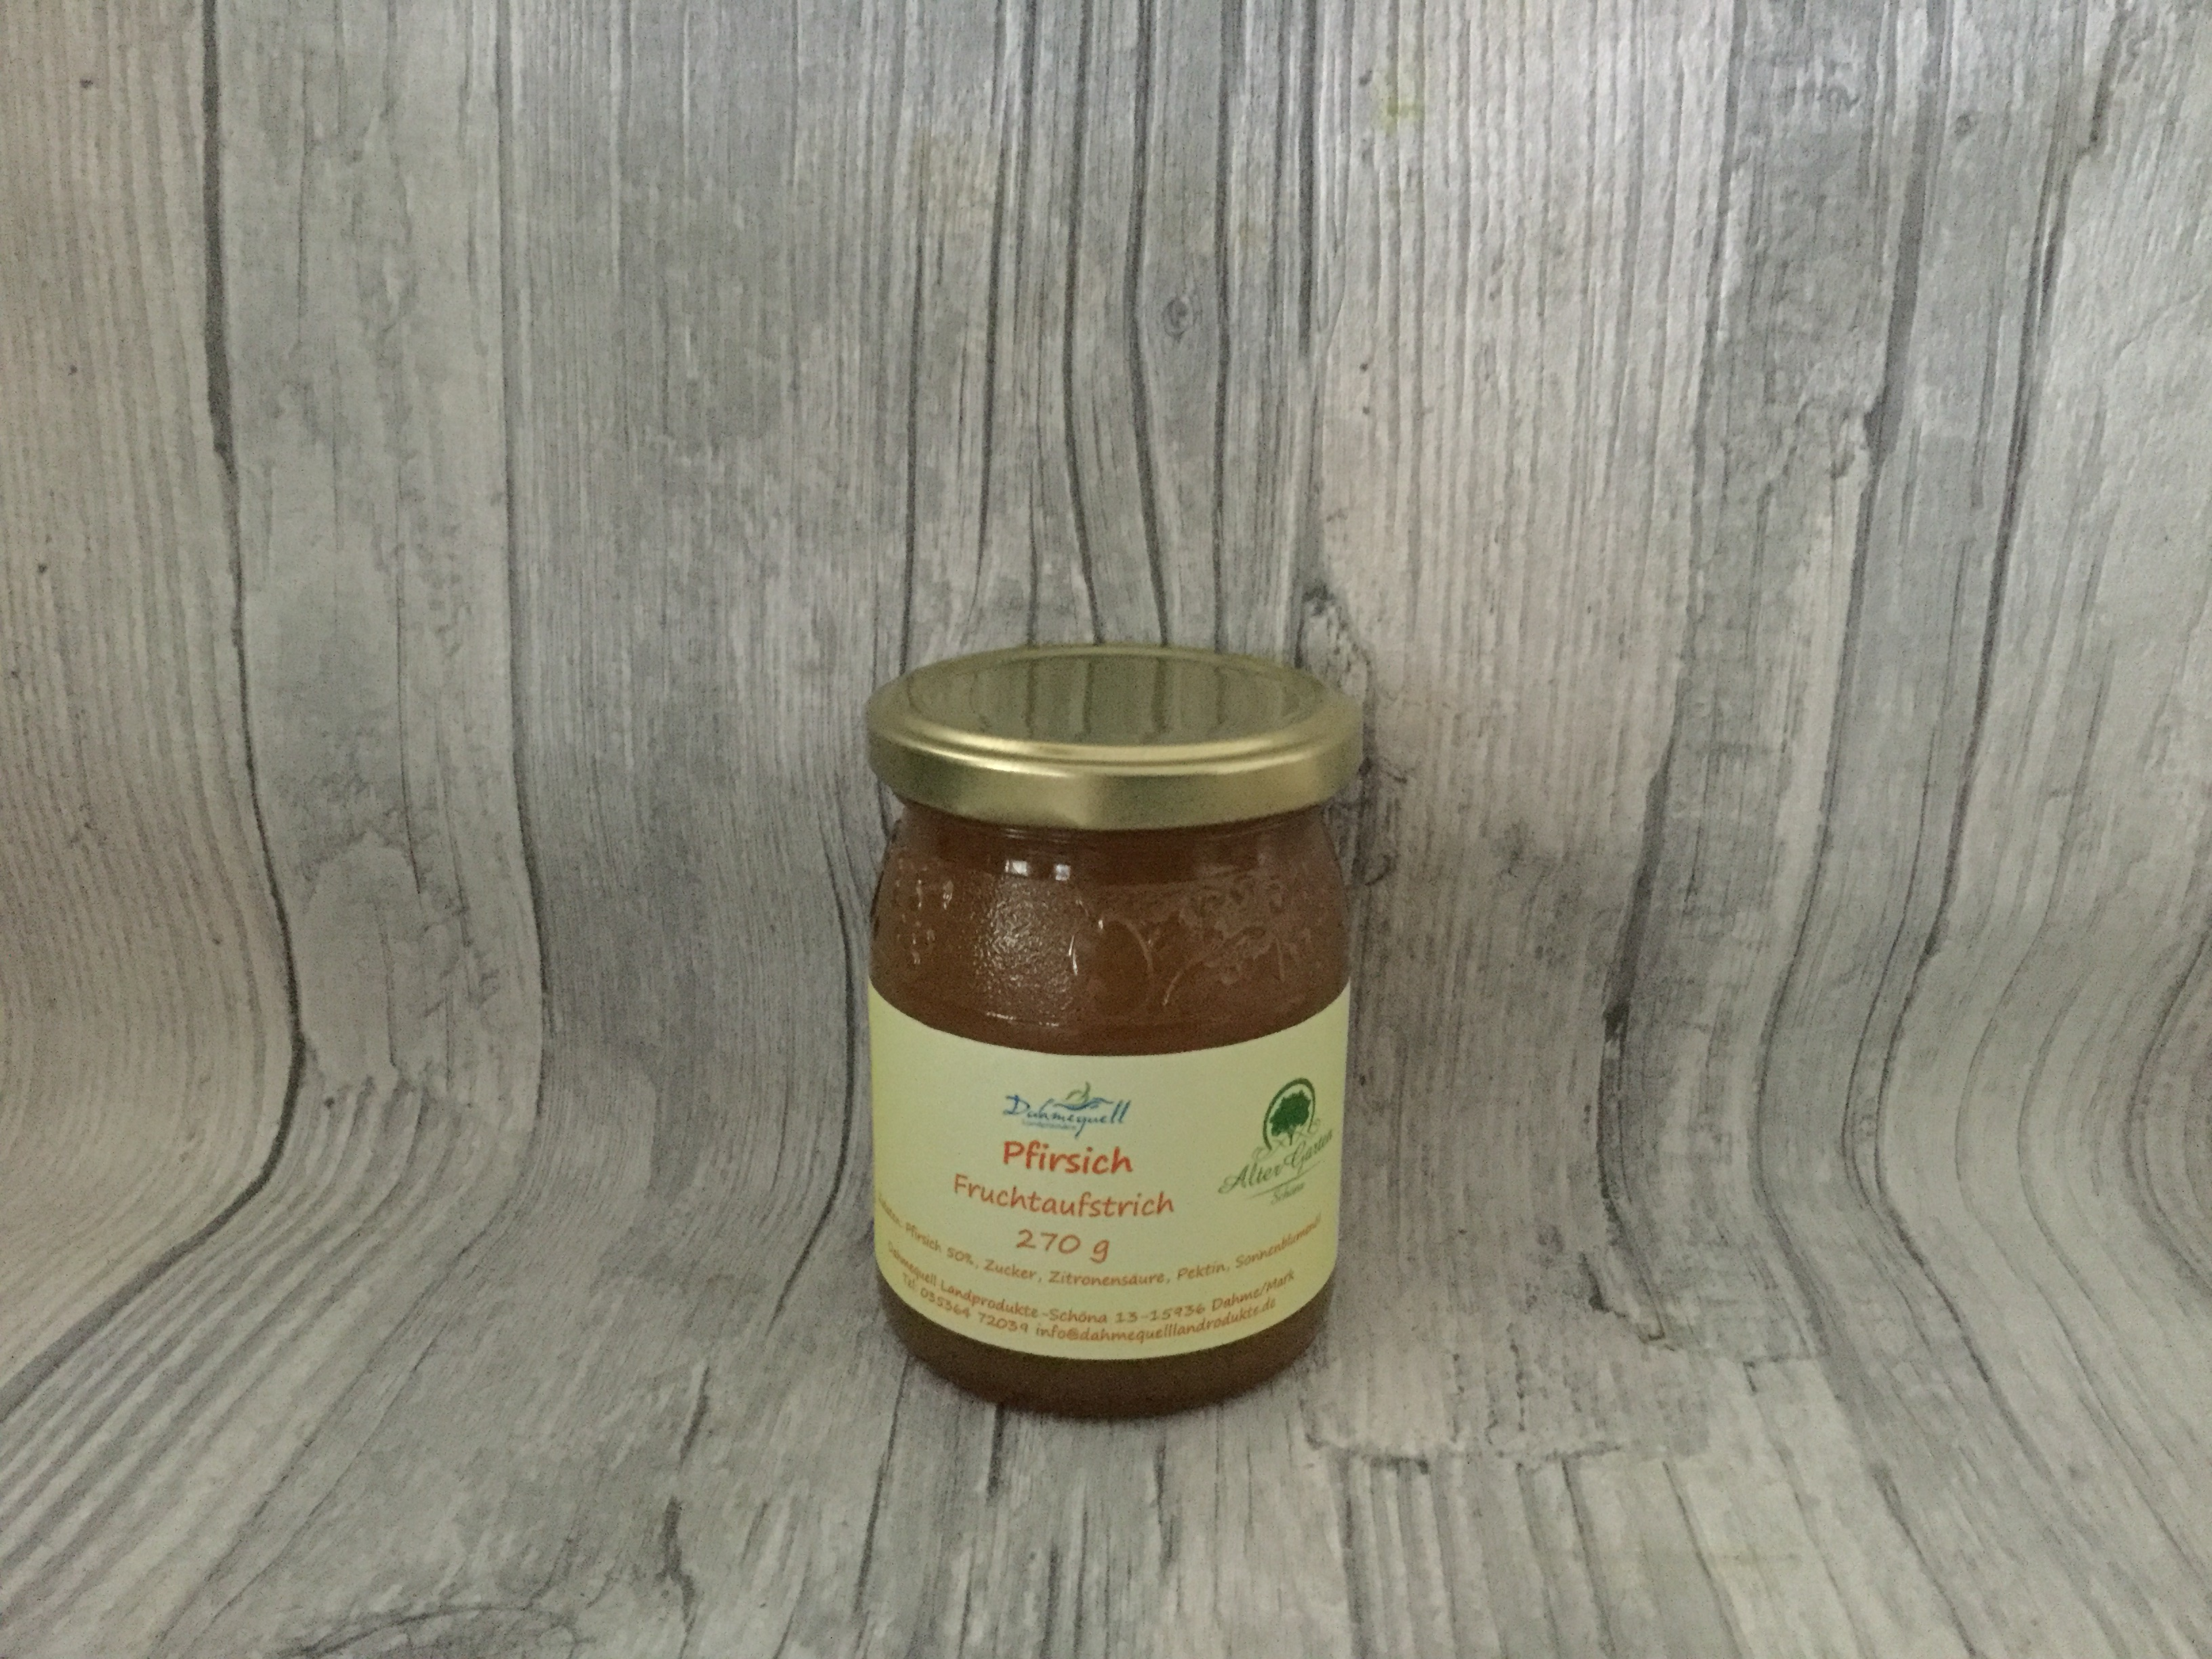 Fruchtaufstrich Pfirsich 270 g